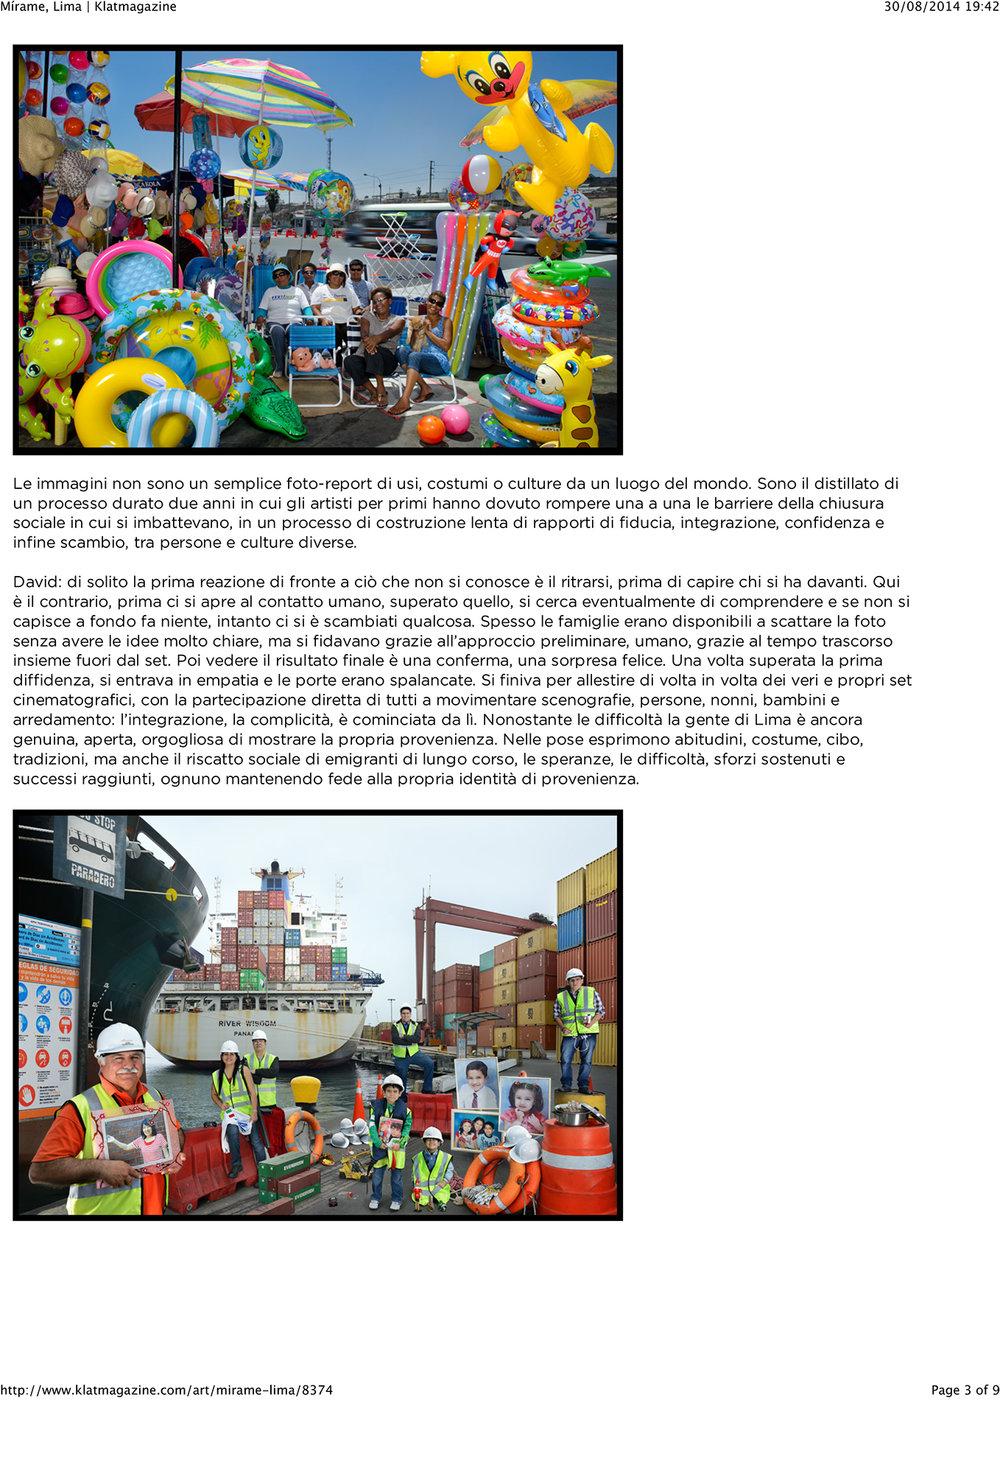 Mírame,-Lima-_-Klatmagazine-3.jpg